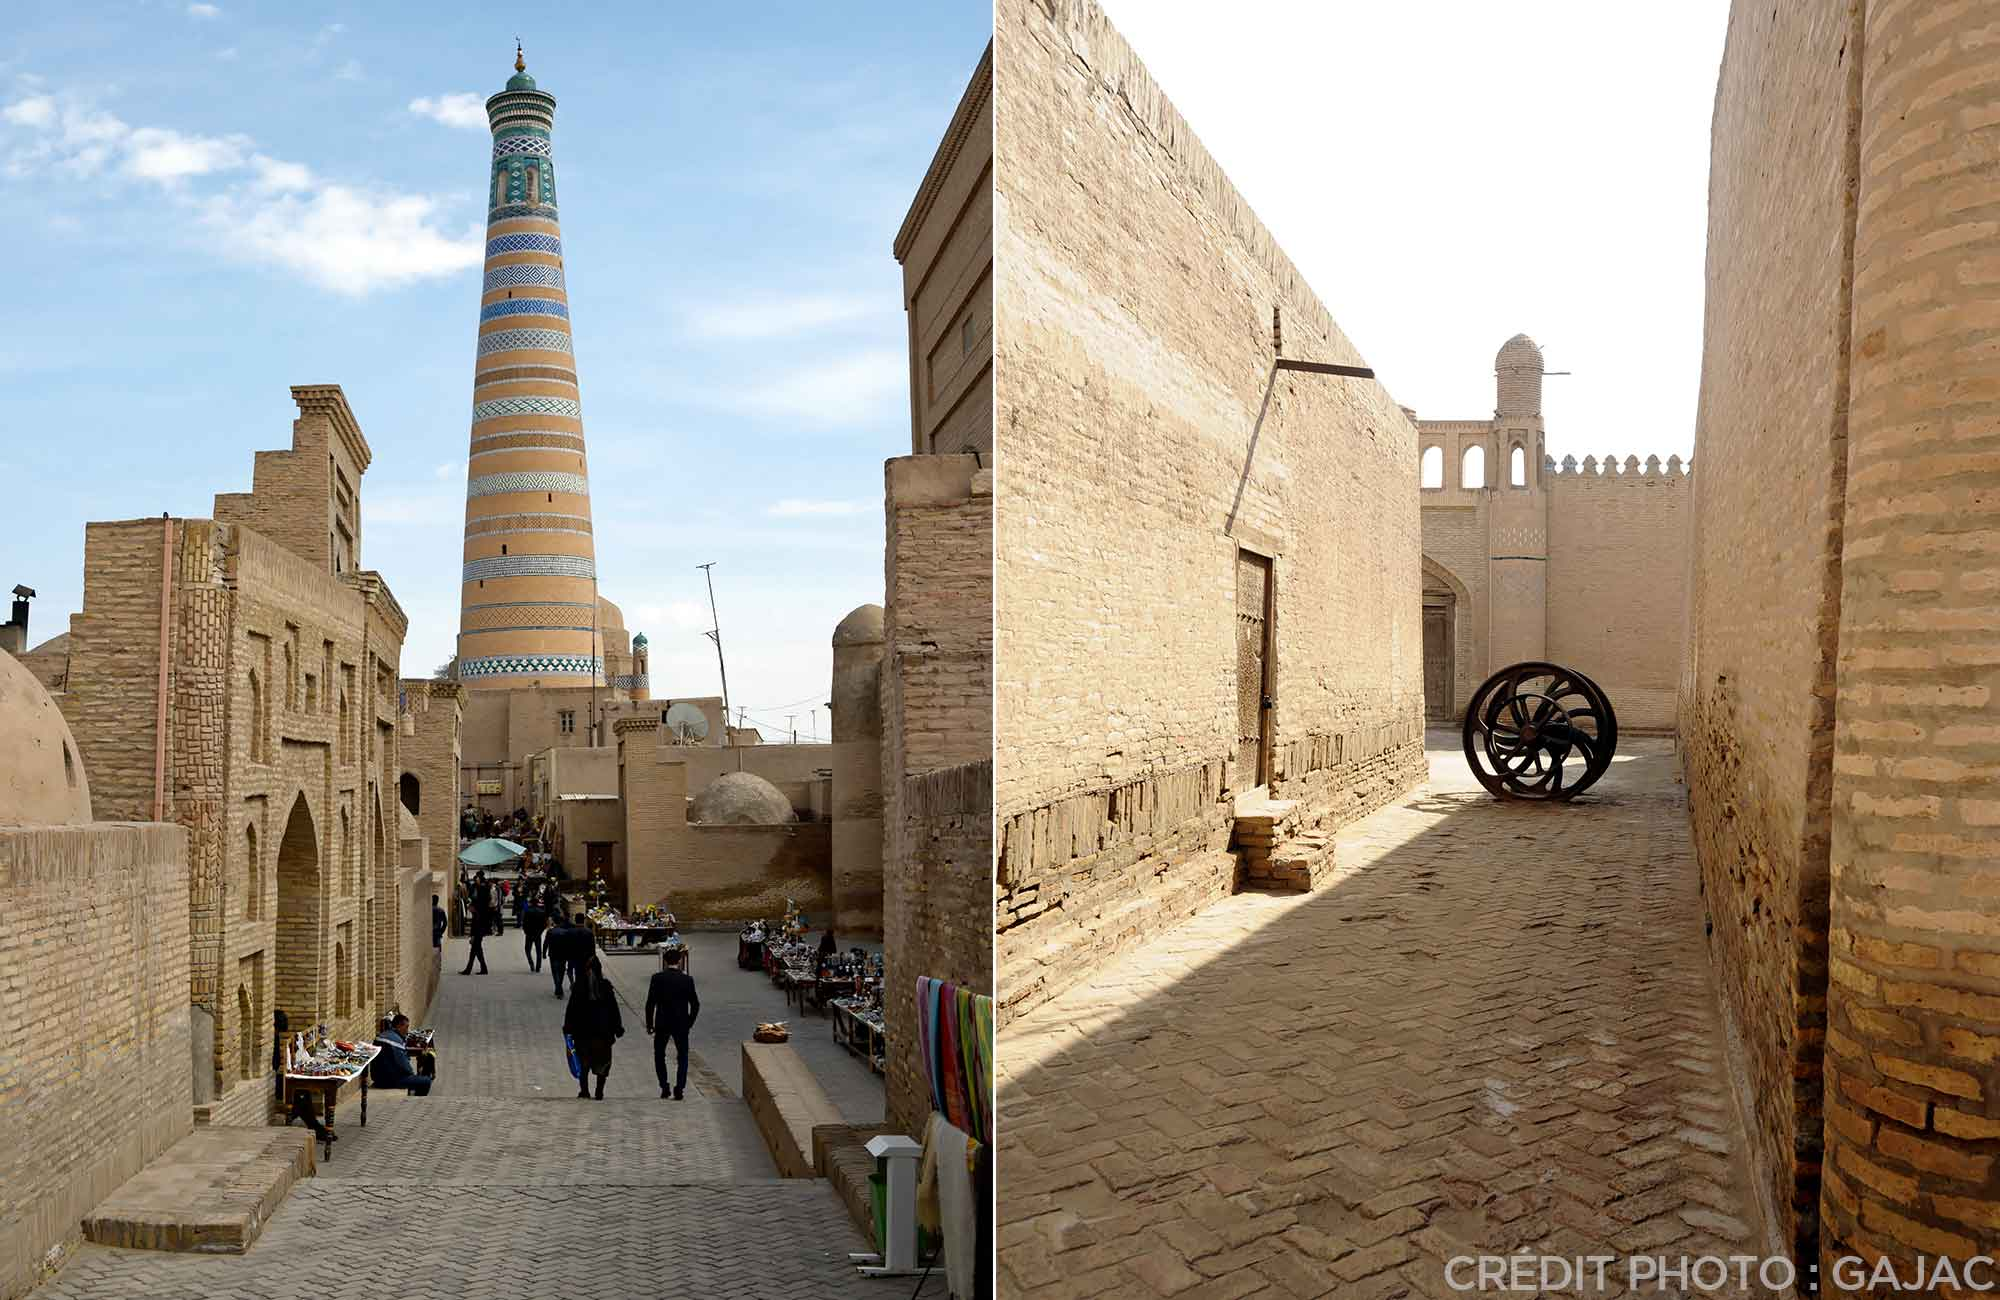 Voyage Ouzbékistan Route de la Soie - Rues Khiva - Amplitudes